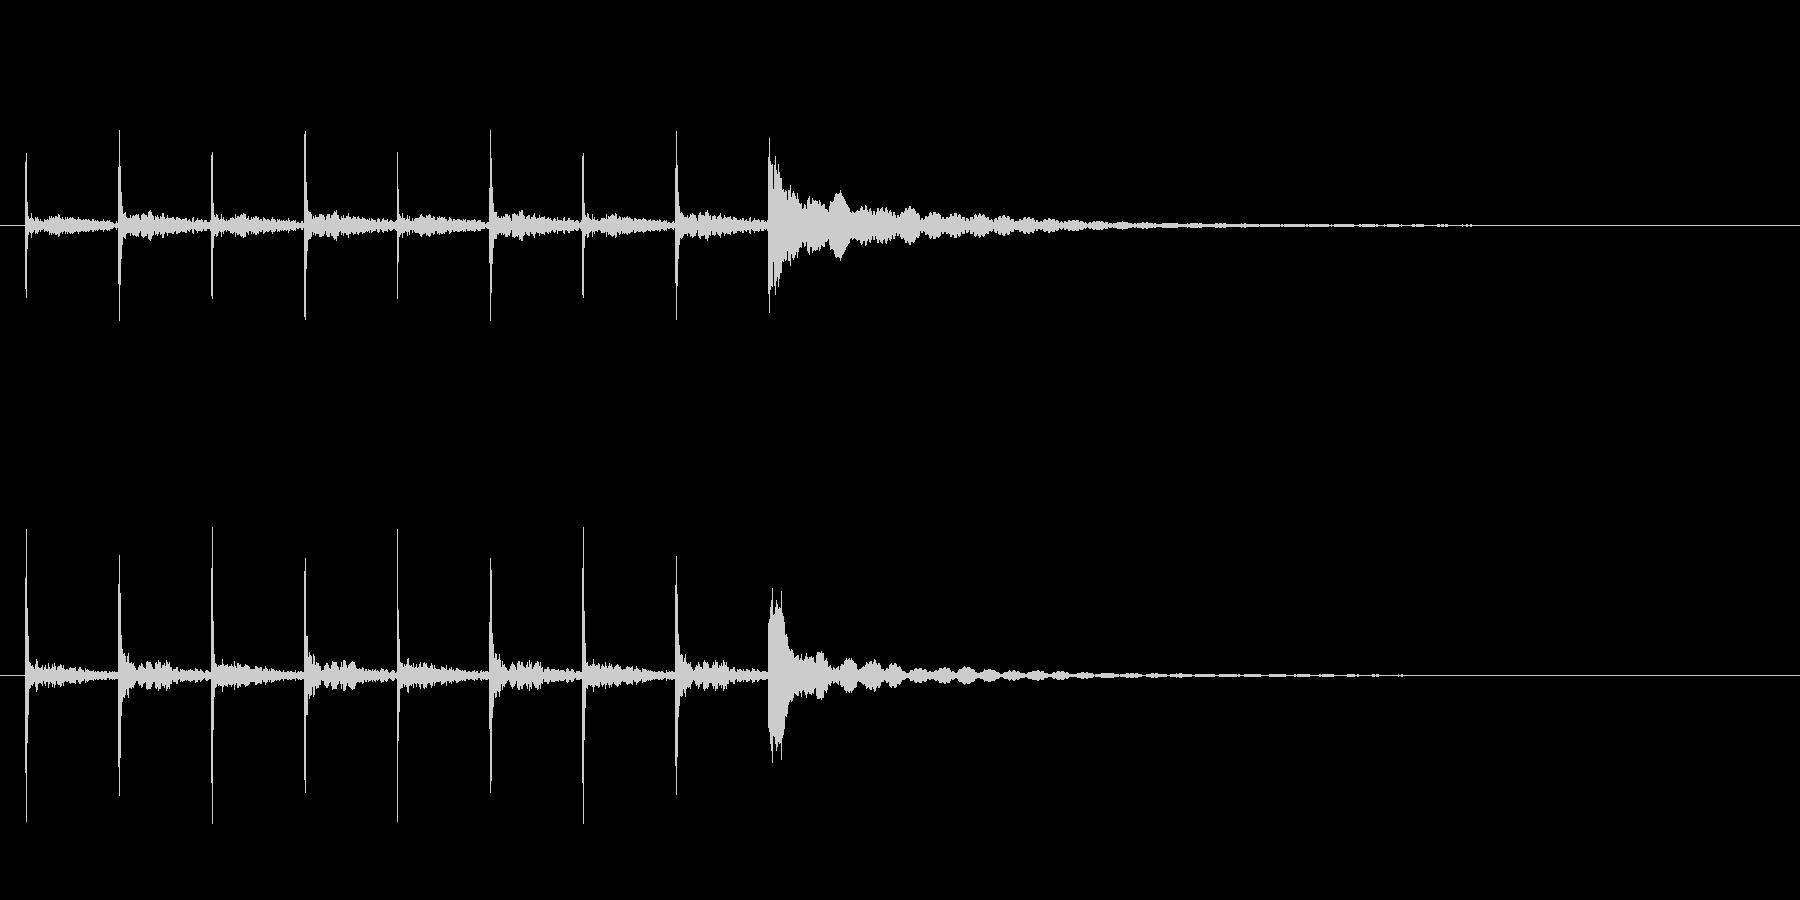 木魚ポクポクチーン約5秒シンキングタイムの未再生の波形